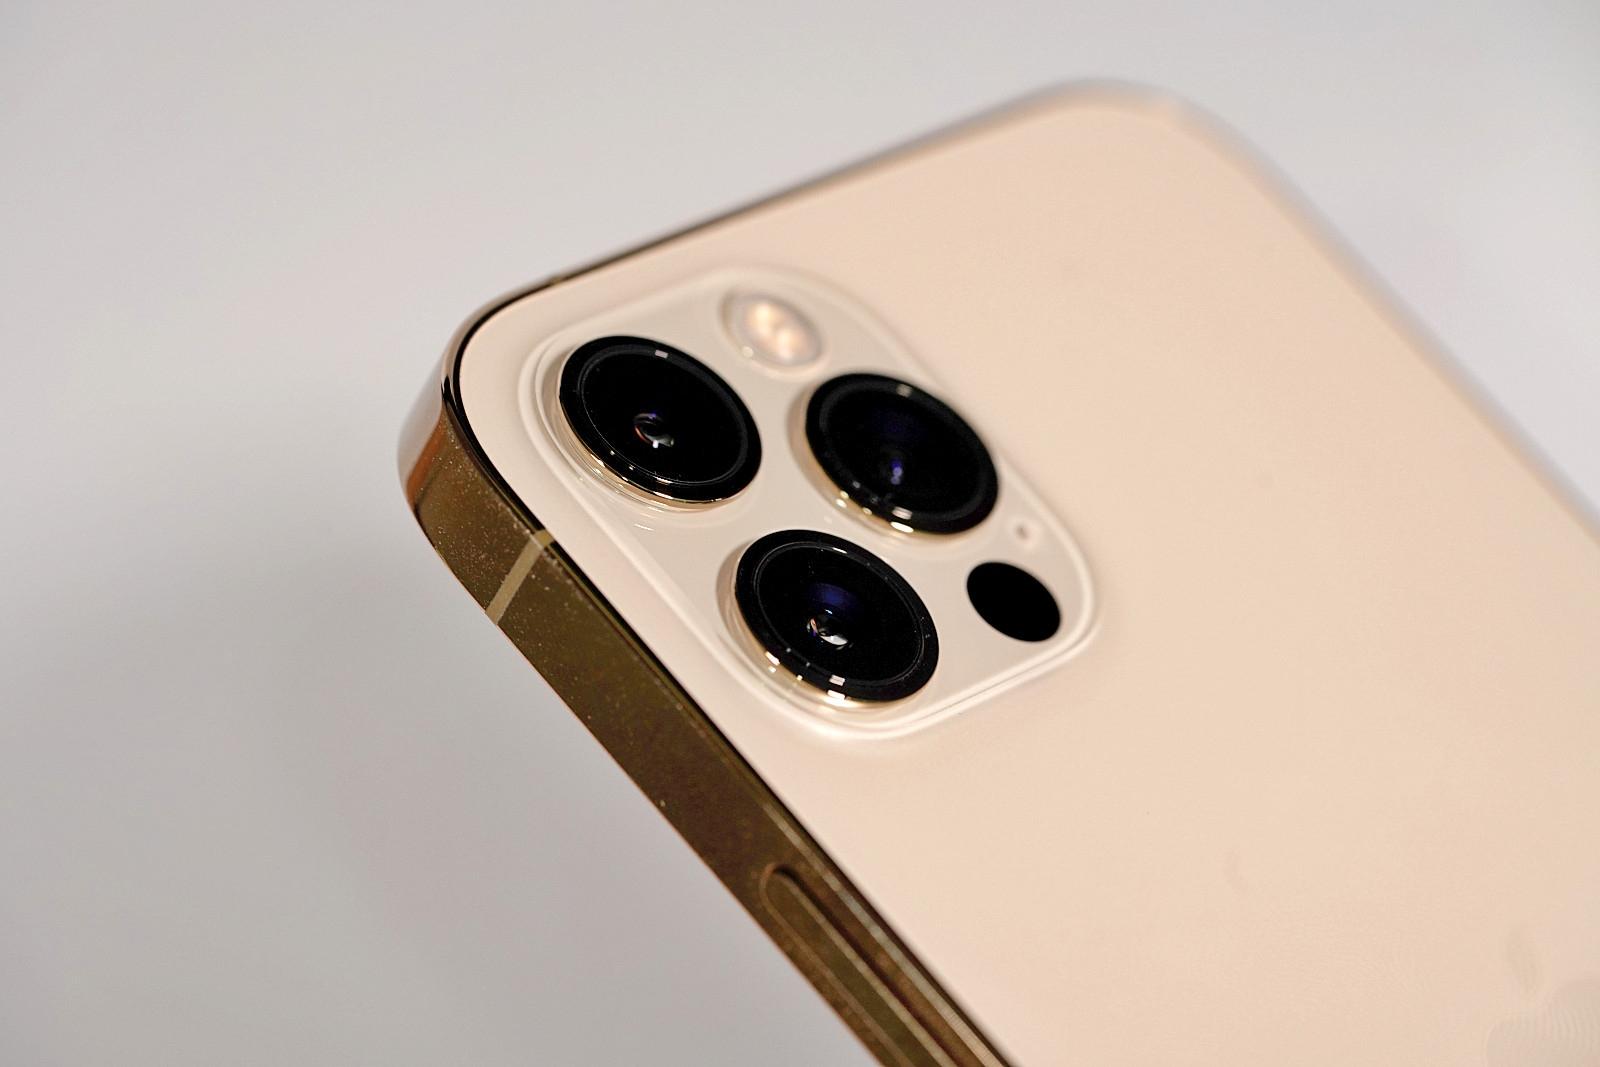 华为销量大跌 苹果iPhone市占率飙升重夺全球第一